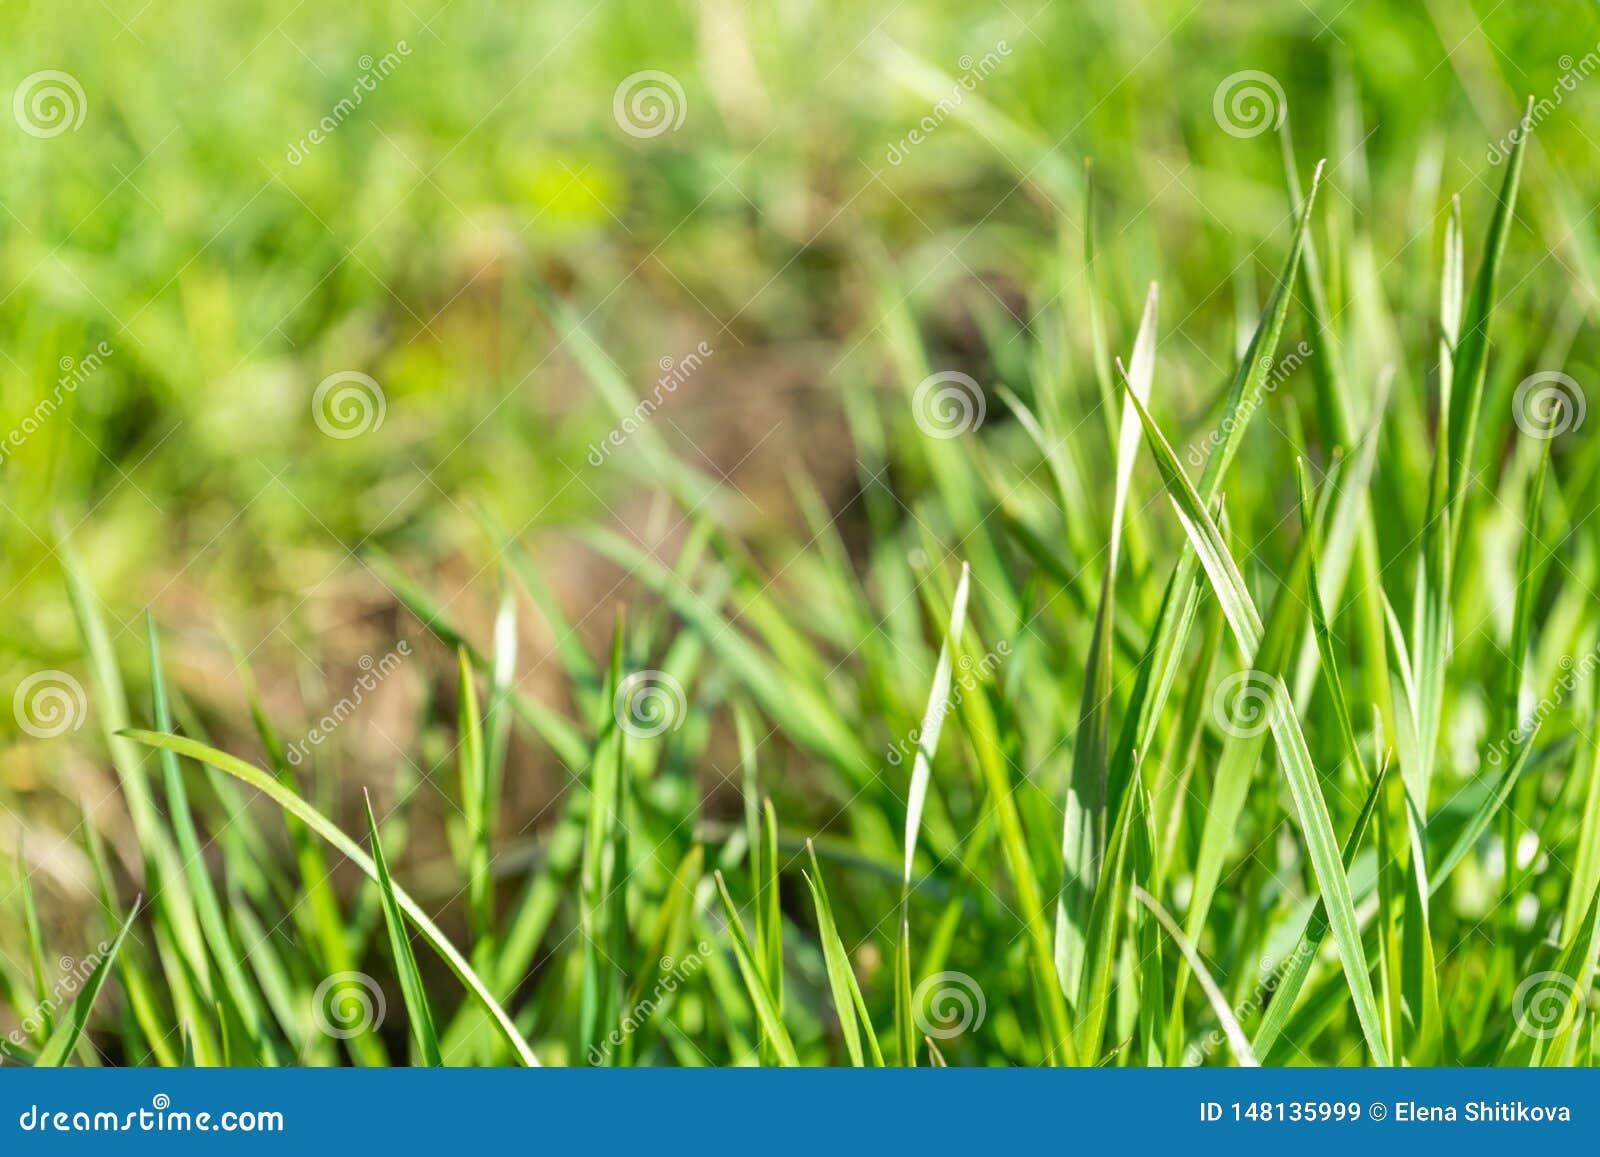 Tira la hierba verde joven en el parque